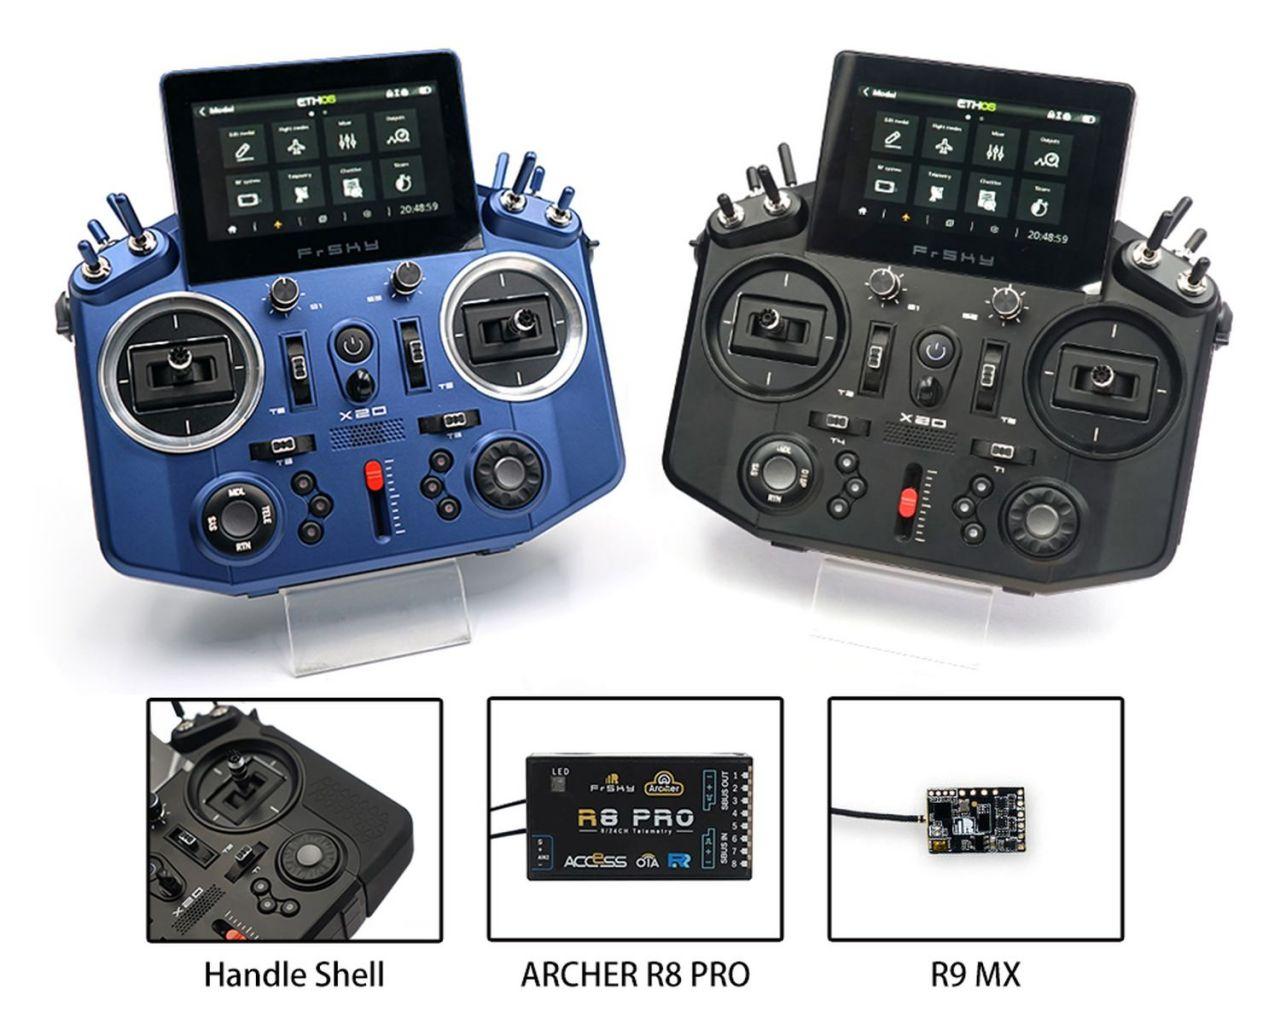 FrSky Tandem X20 2,4GHz+ 868Mhz ACCST + ACCESS - Bundle Schwarz